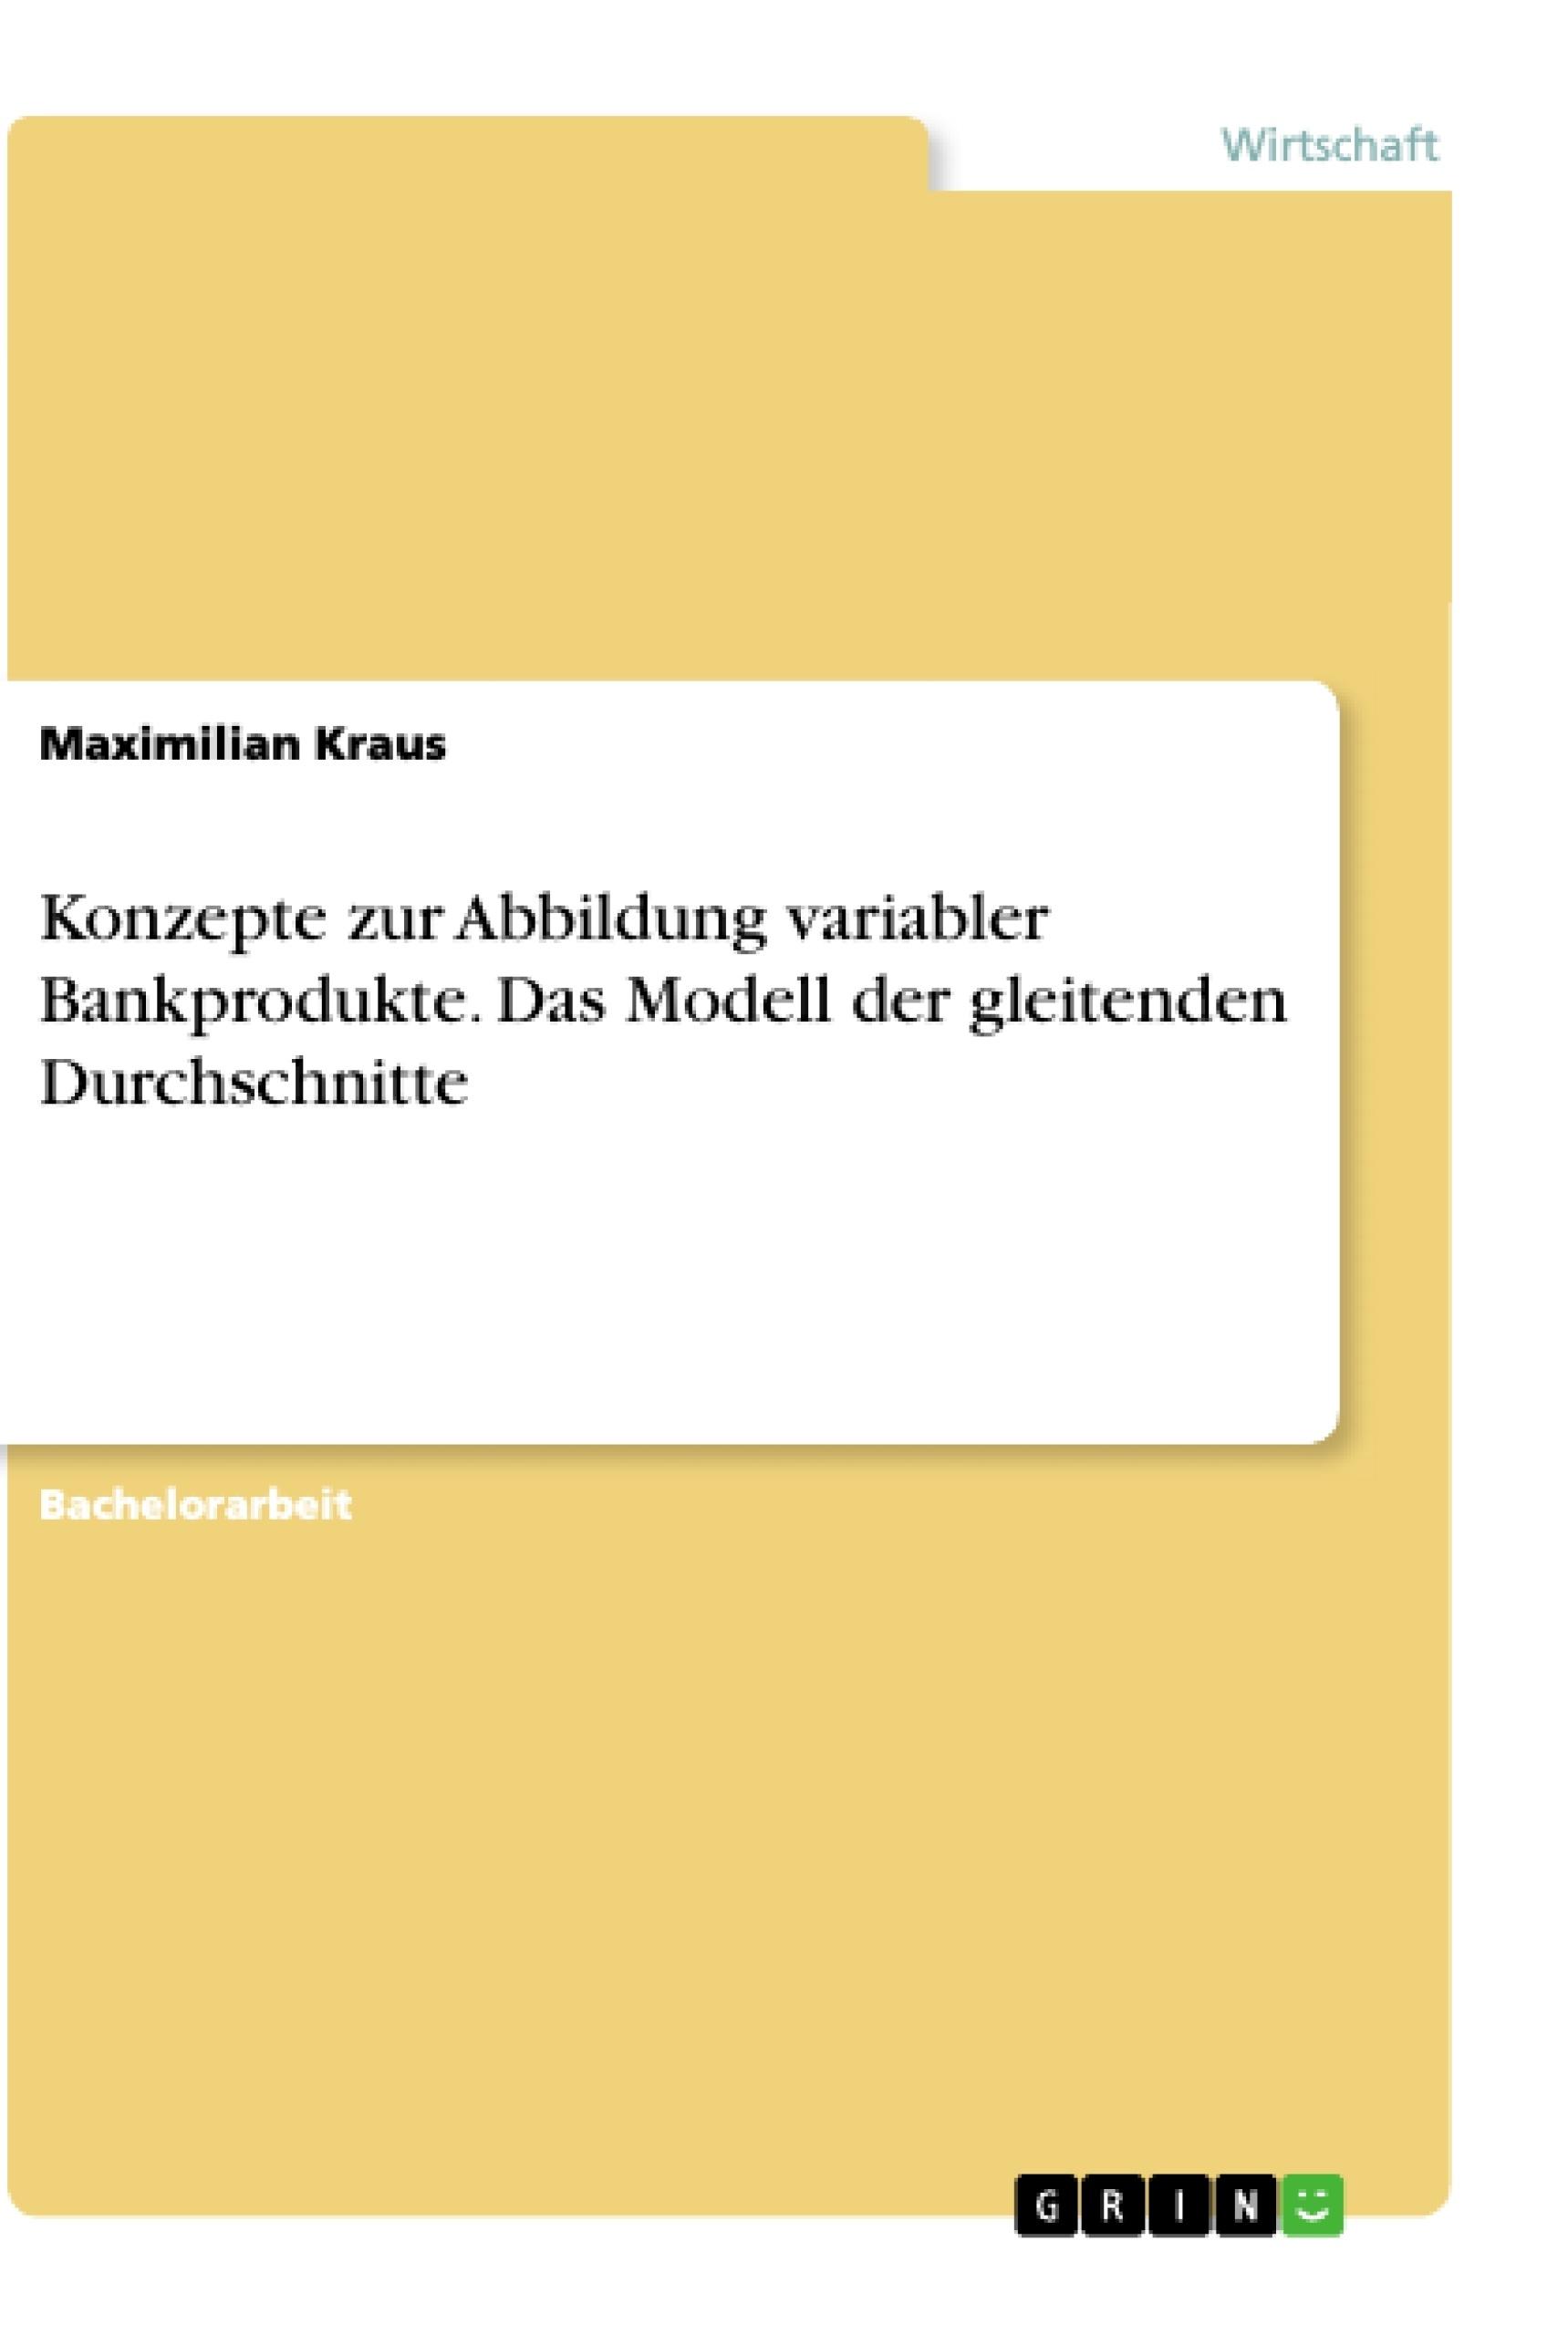 Titel: Konzepte zur Abbildung variabler Bankprodukte. Das Modell der gleitenden Durchschnitte